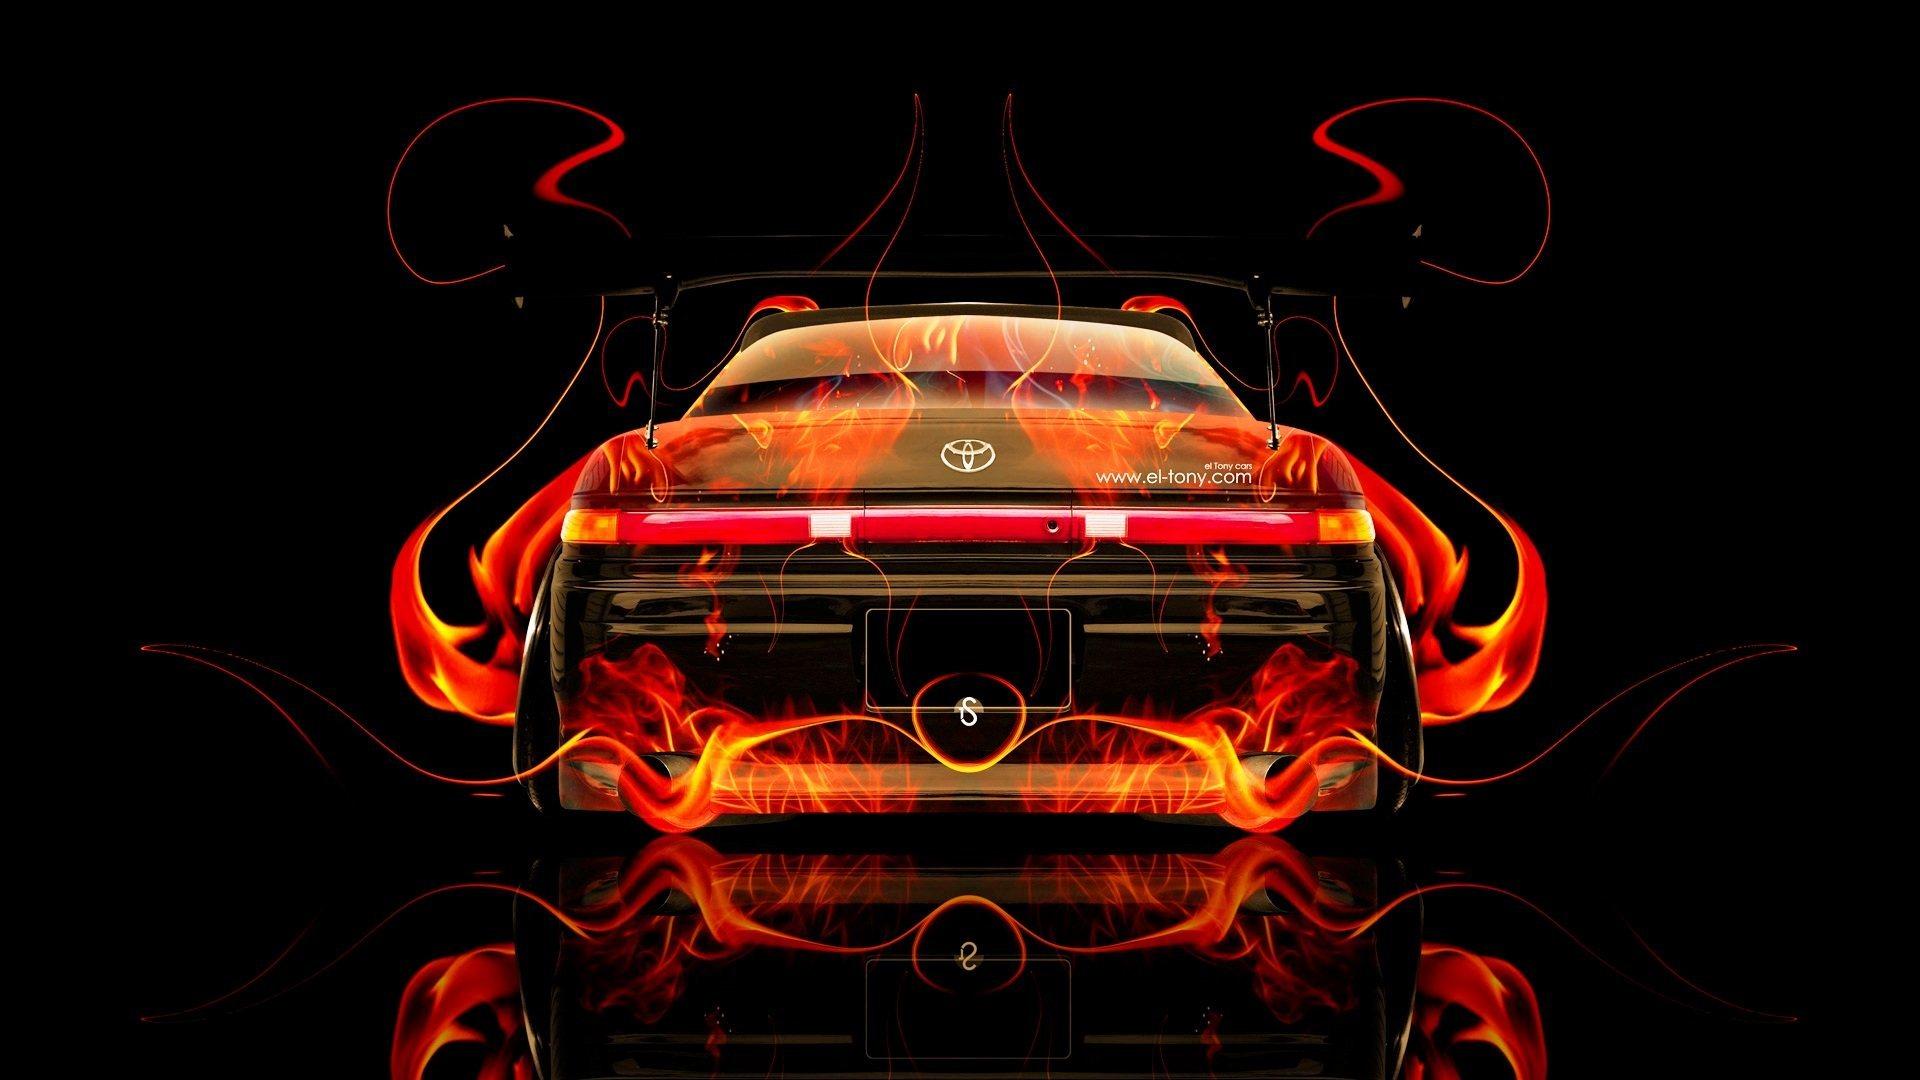 ... Design Talent Showcase   El Tony.com Brings Sensual Elements Fire And  Water To ...